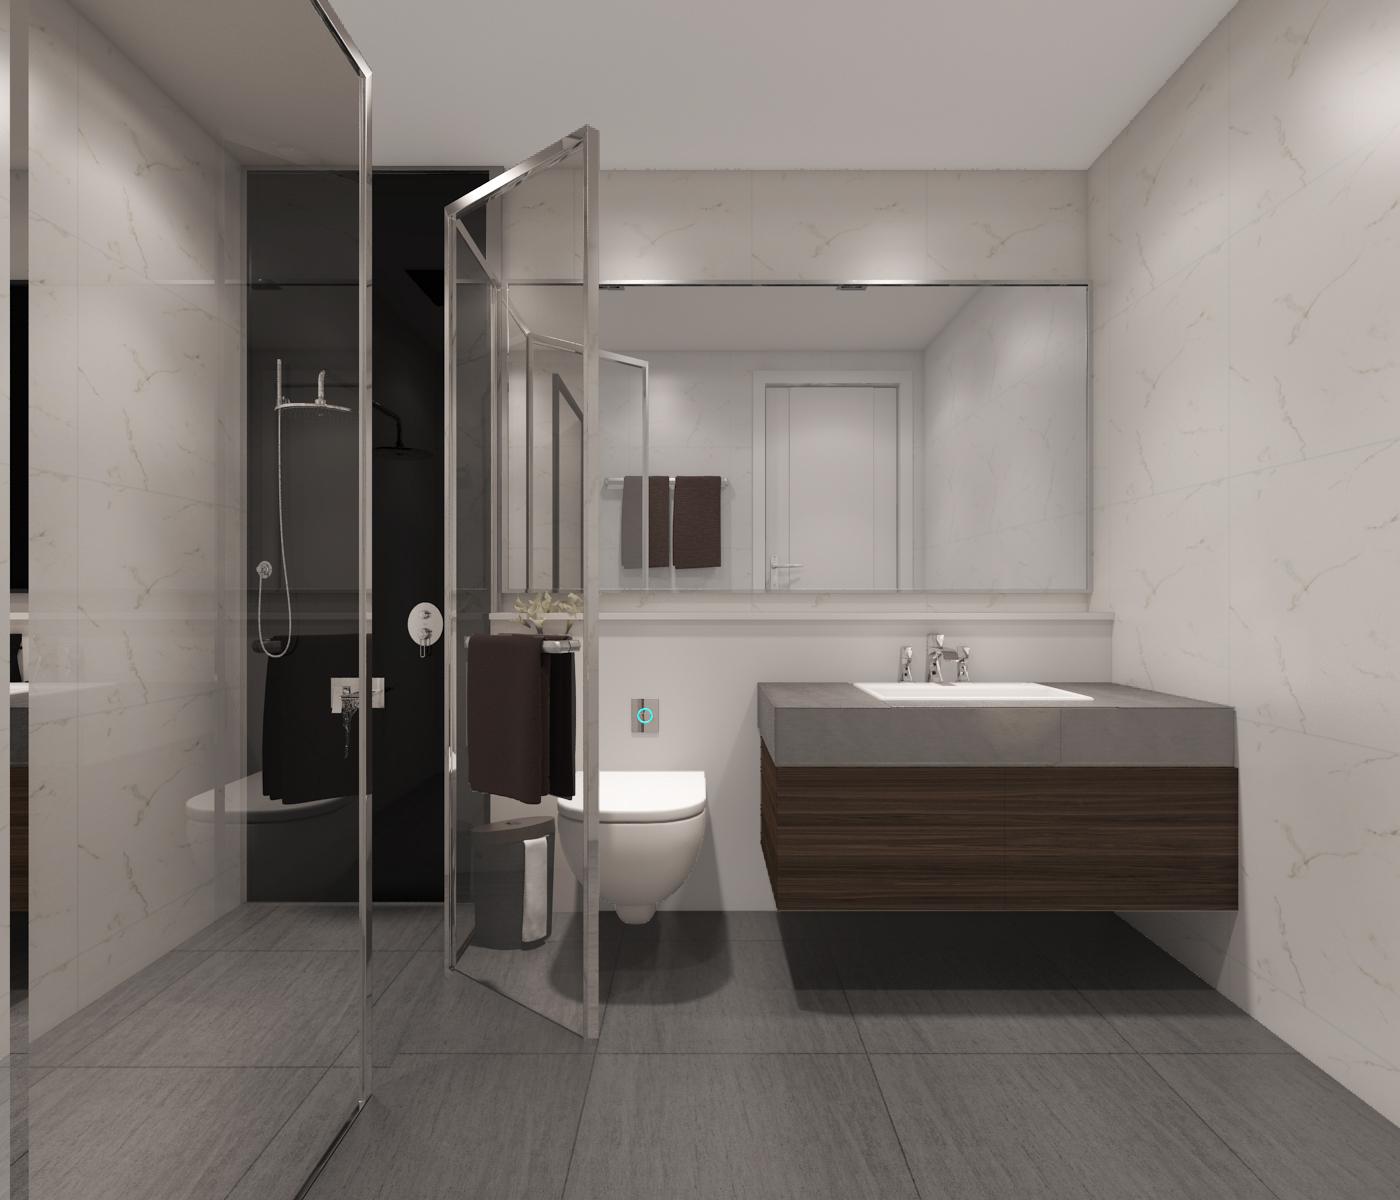 thiết kế nội thất Biệt Thự tại Hà Nội bt Vinhomes - riverside 46 1568085371